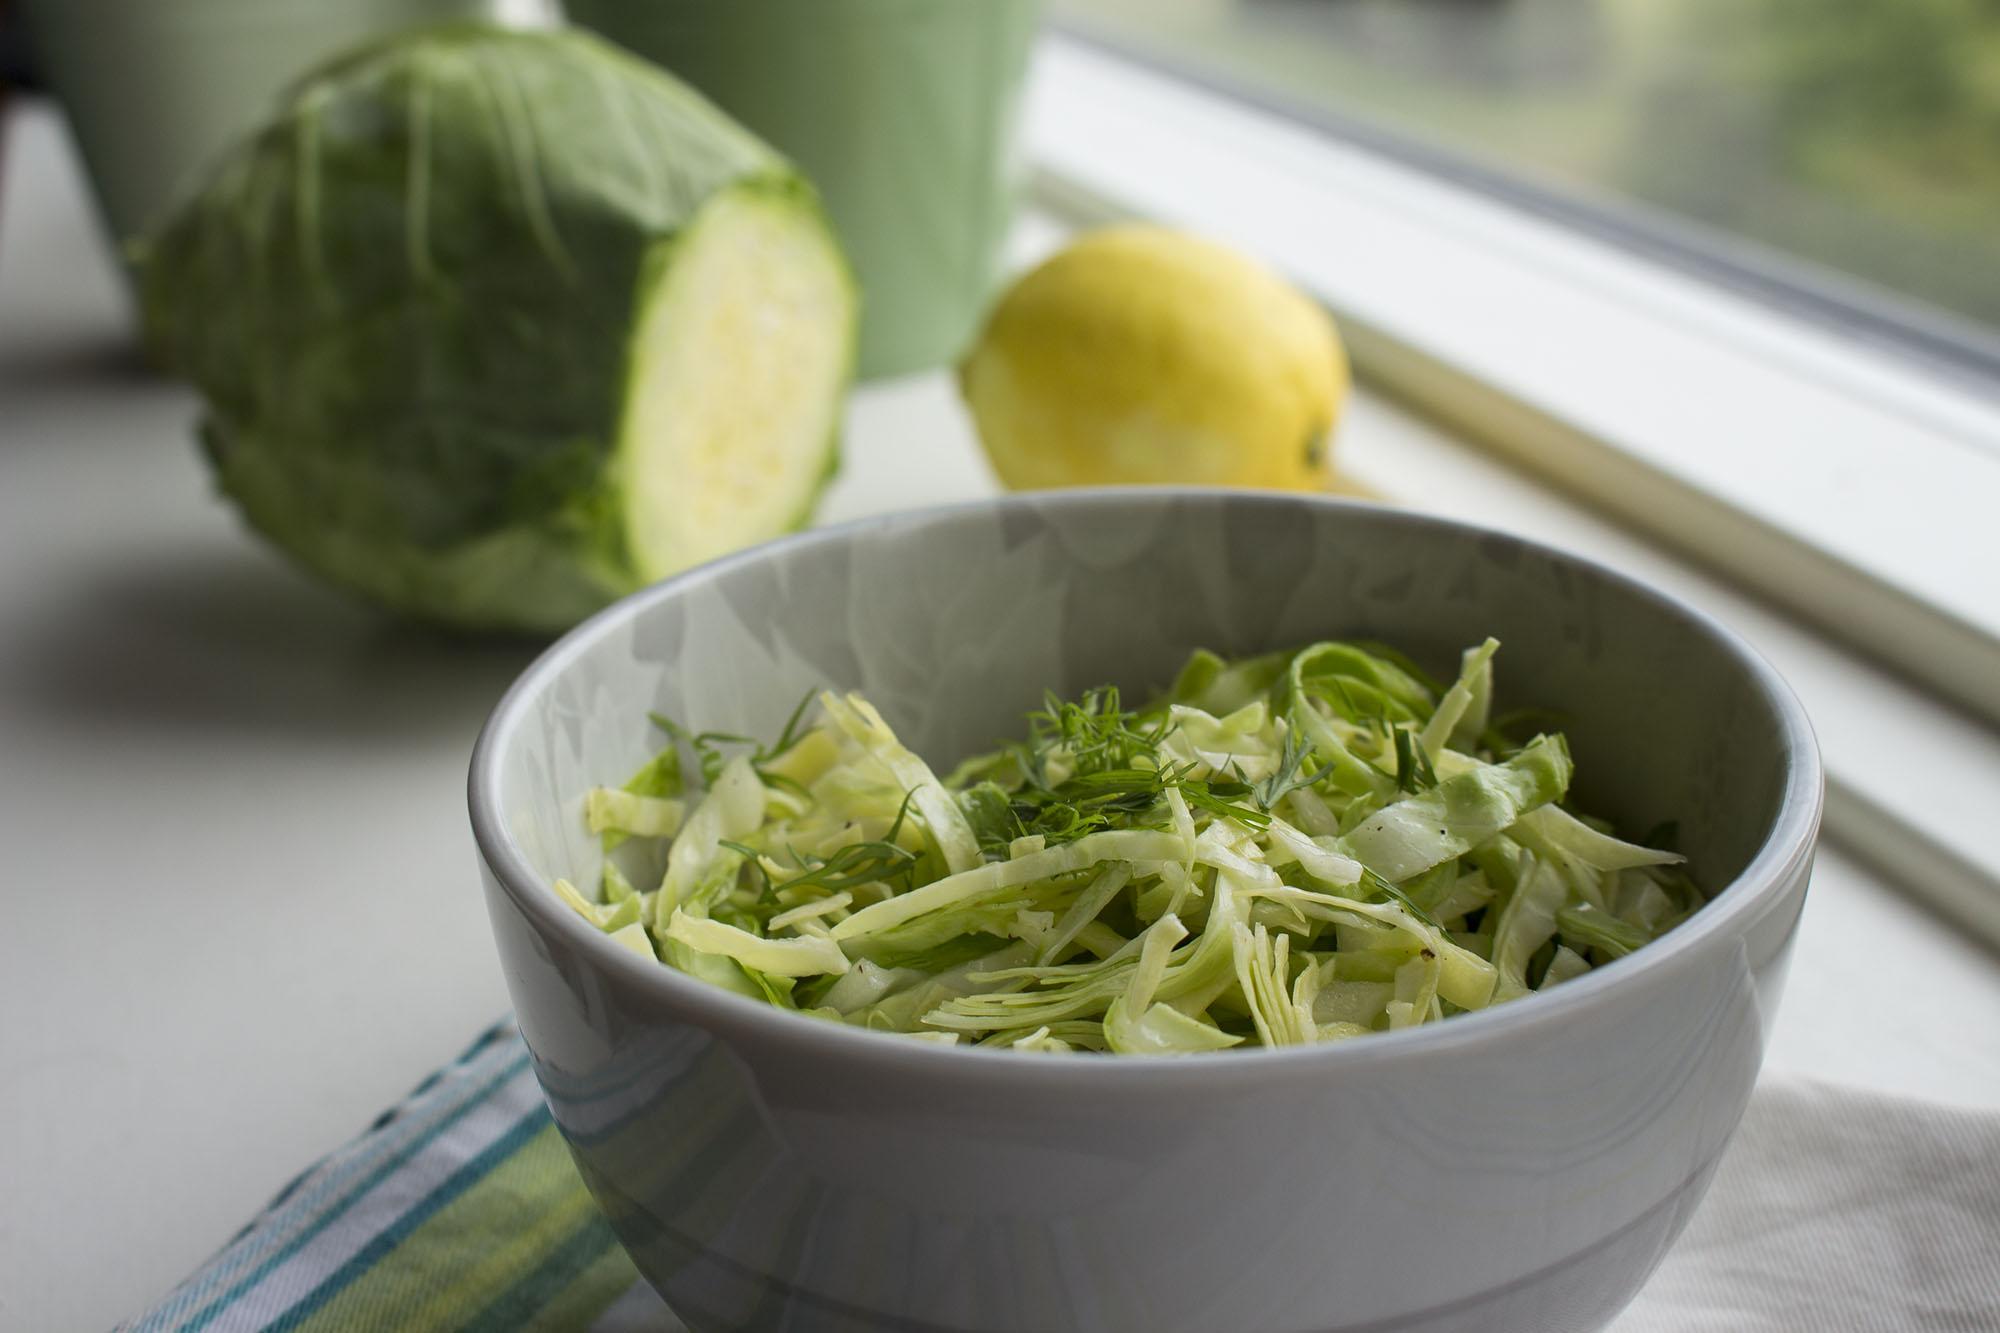 Krammet spidskål med citron og dild